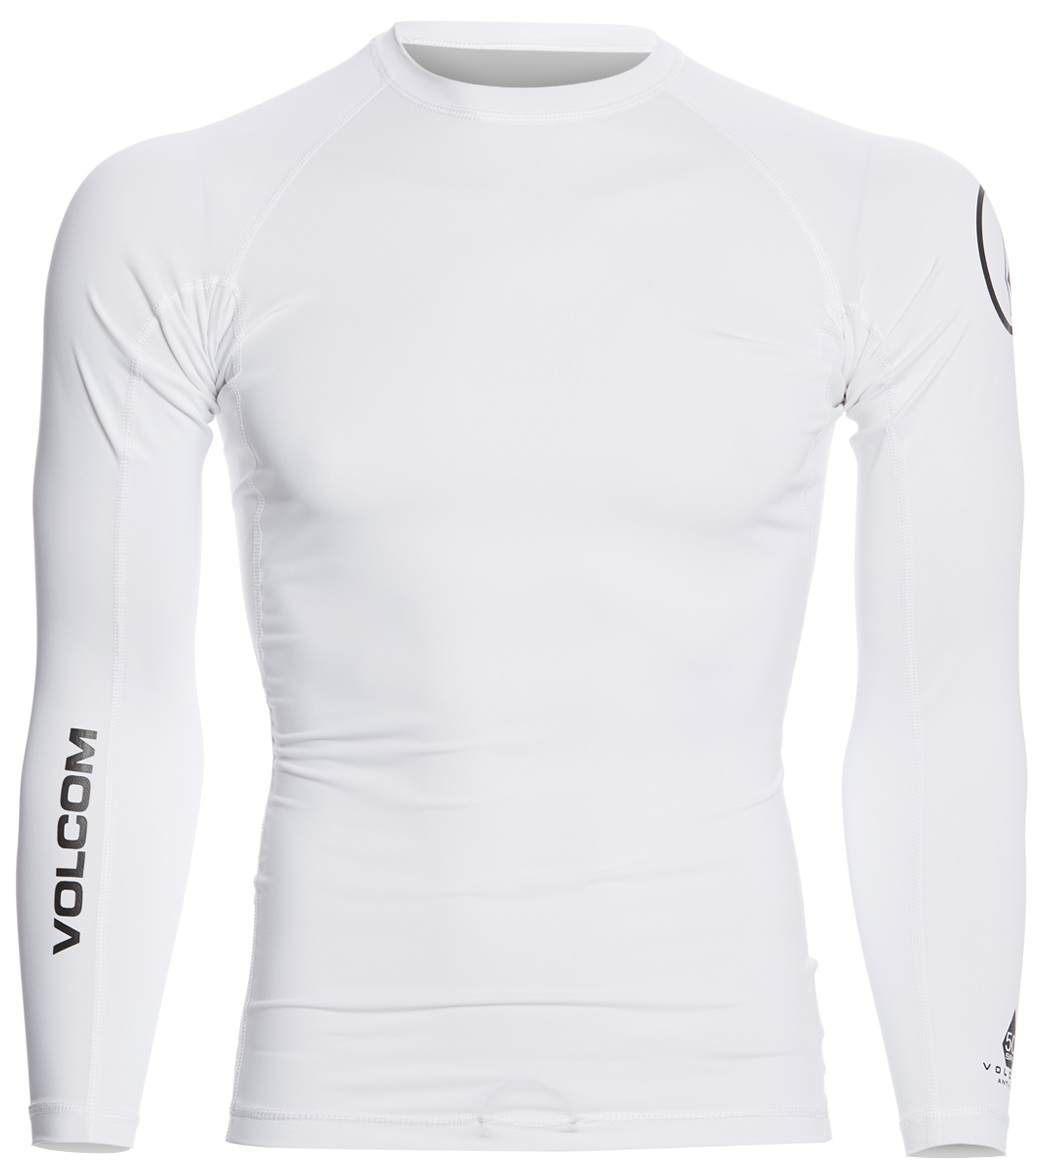 ca39ef891ca63 Volcom Men's Lido Solid Long Sleeve Rashguard at SwimOutlet.com